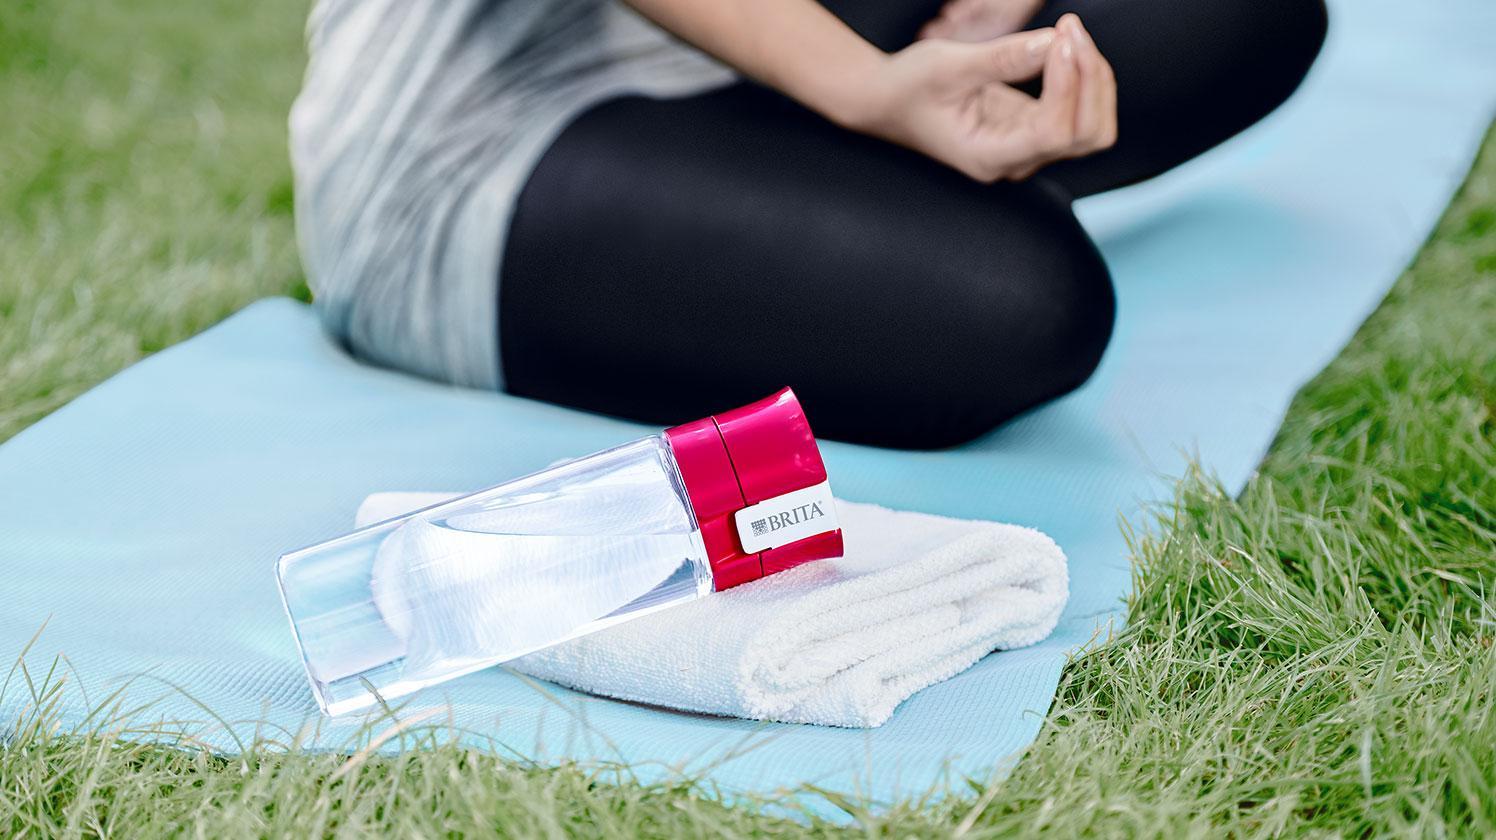 BRITA fill&go Vital pink park woman yoga